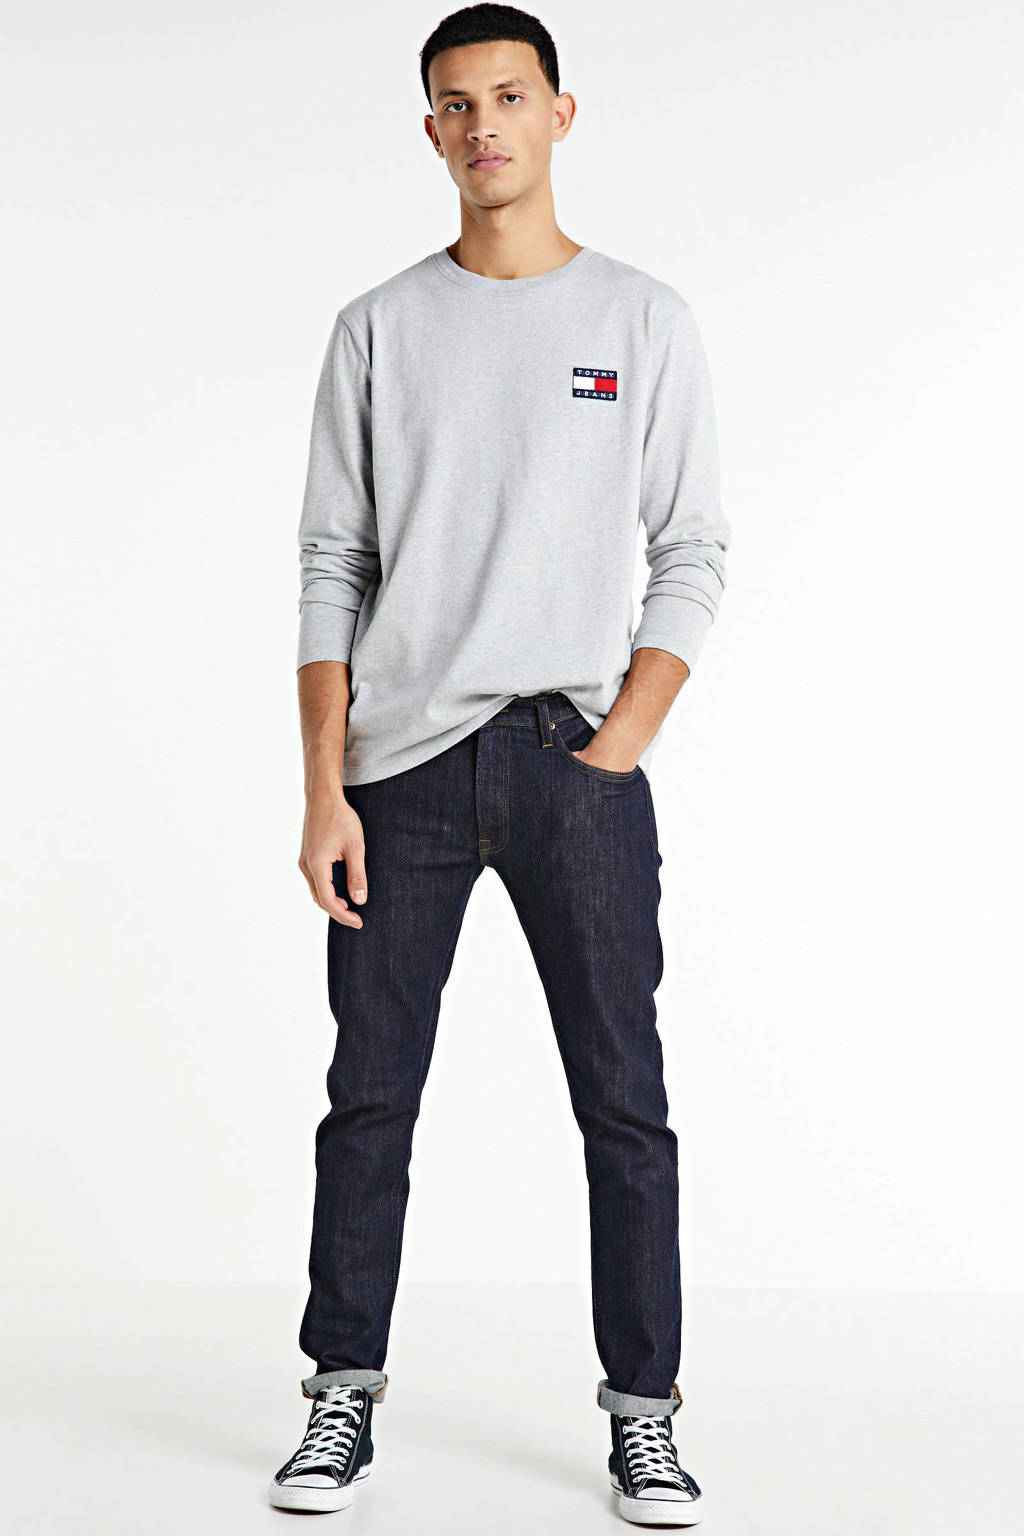 Tommy Jeans T-shirt met logo grijs/blauw/rood, Grijs/blauw/rood